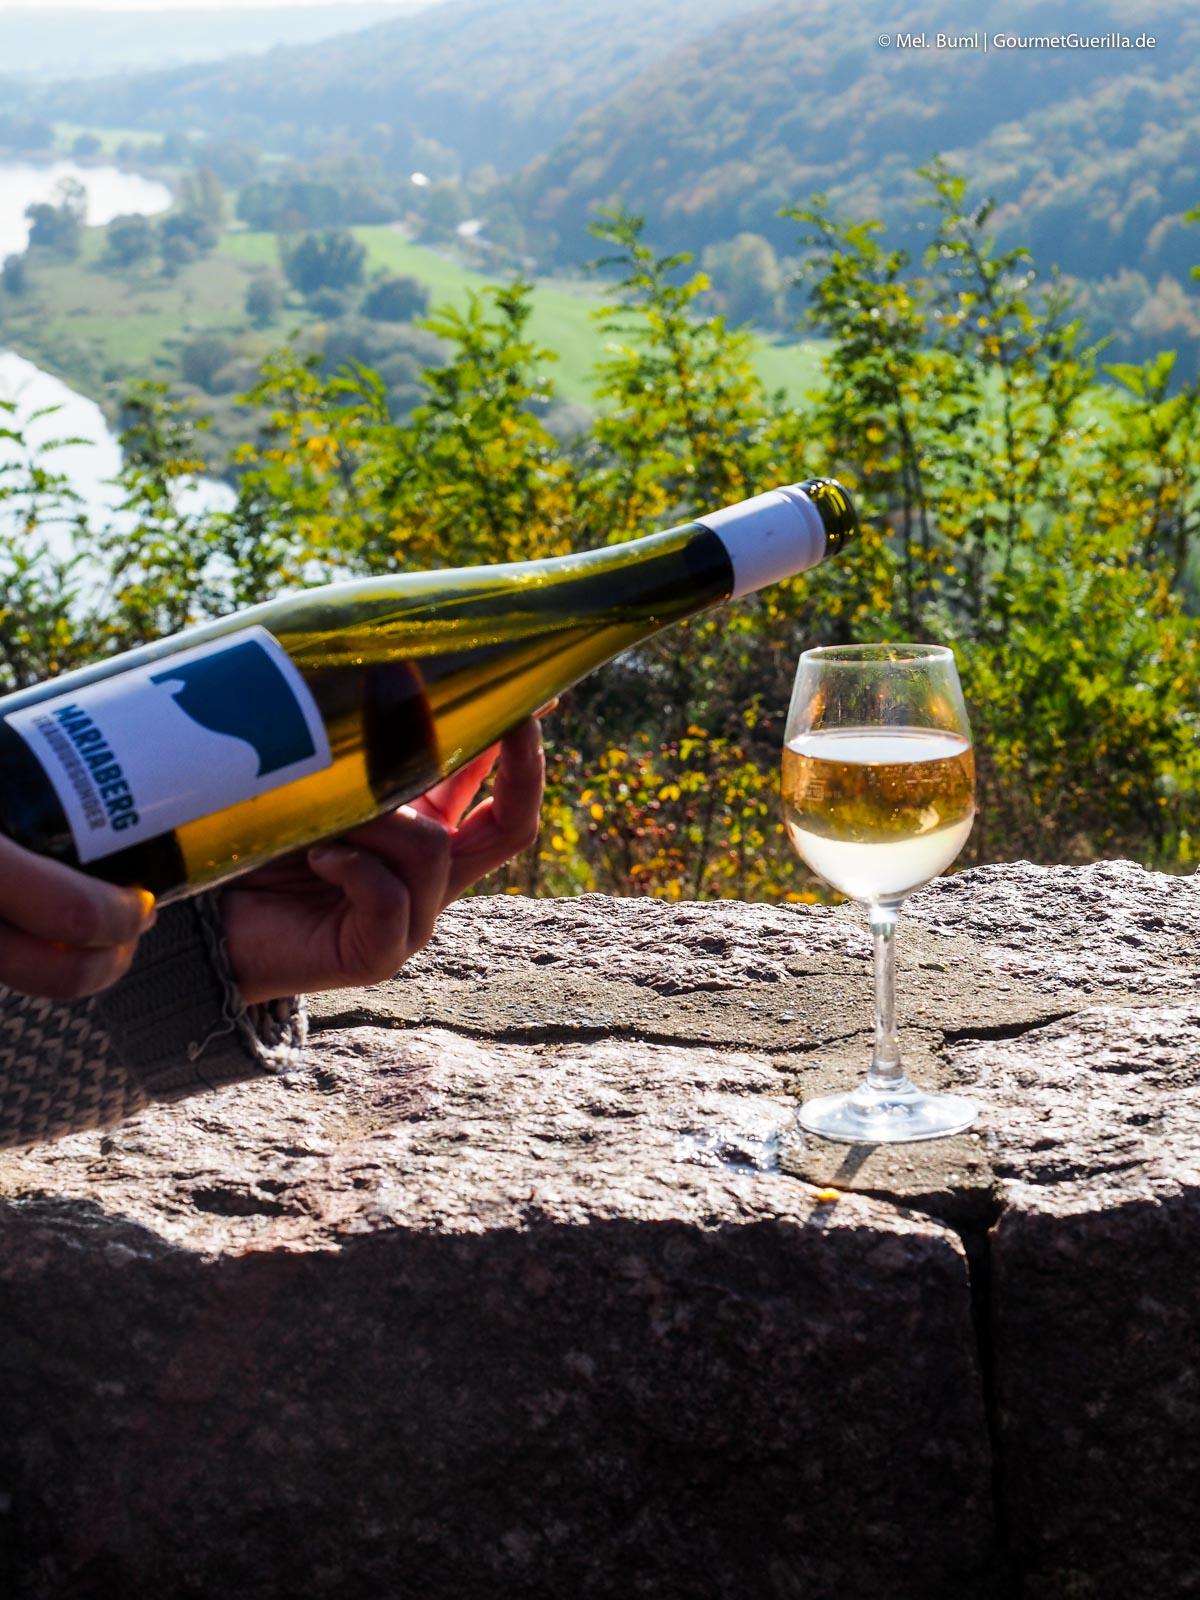 Weinprobe Weinwandern Weingut Mariaberg Anja Fritz |GourmetGuerilla.de